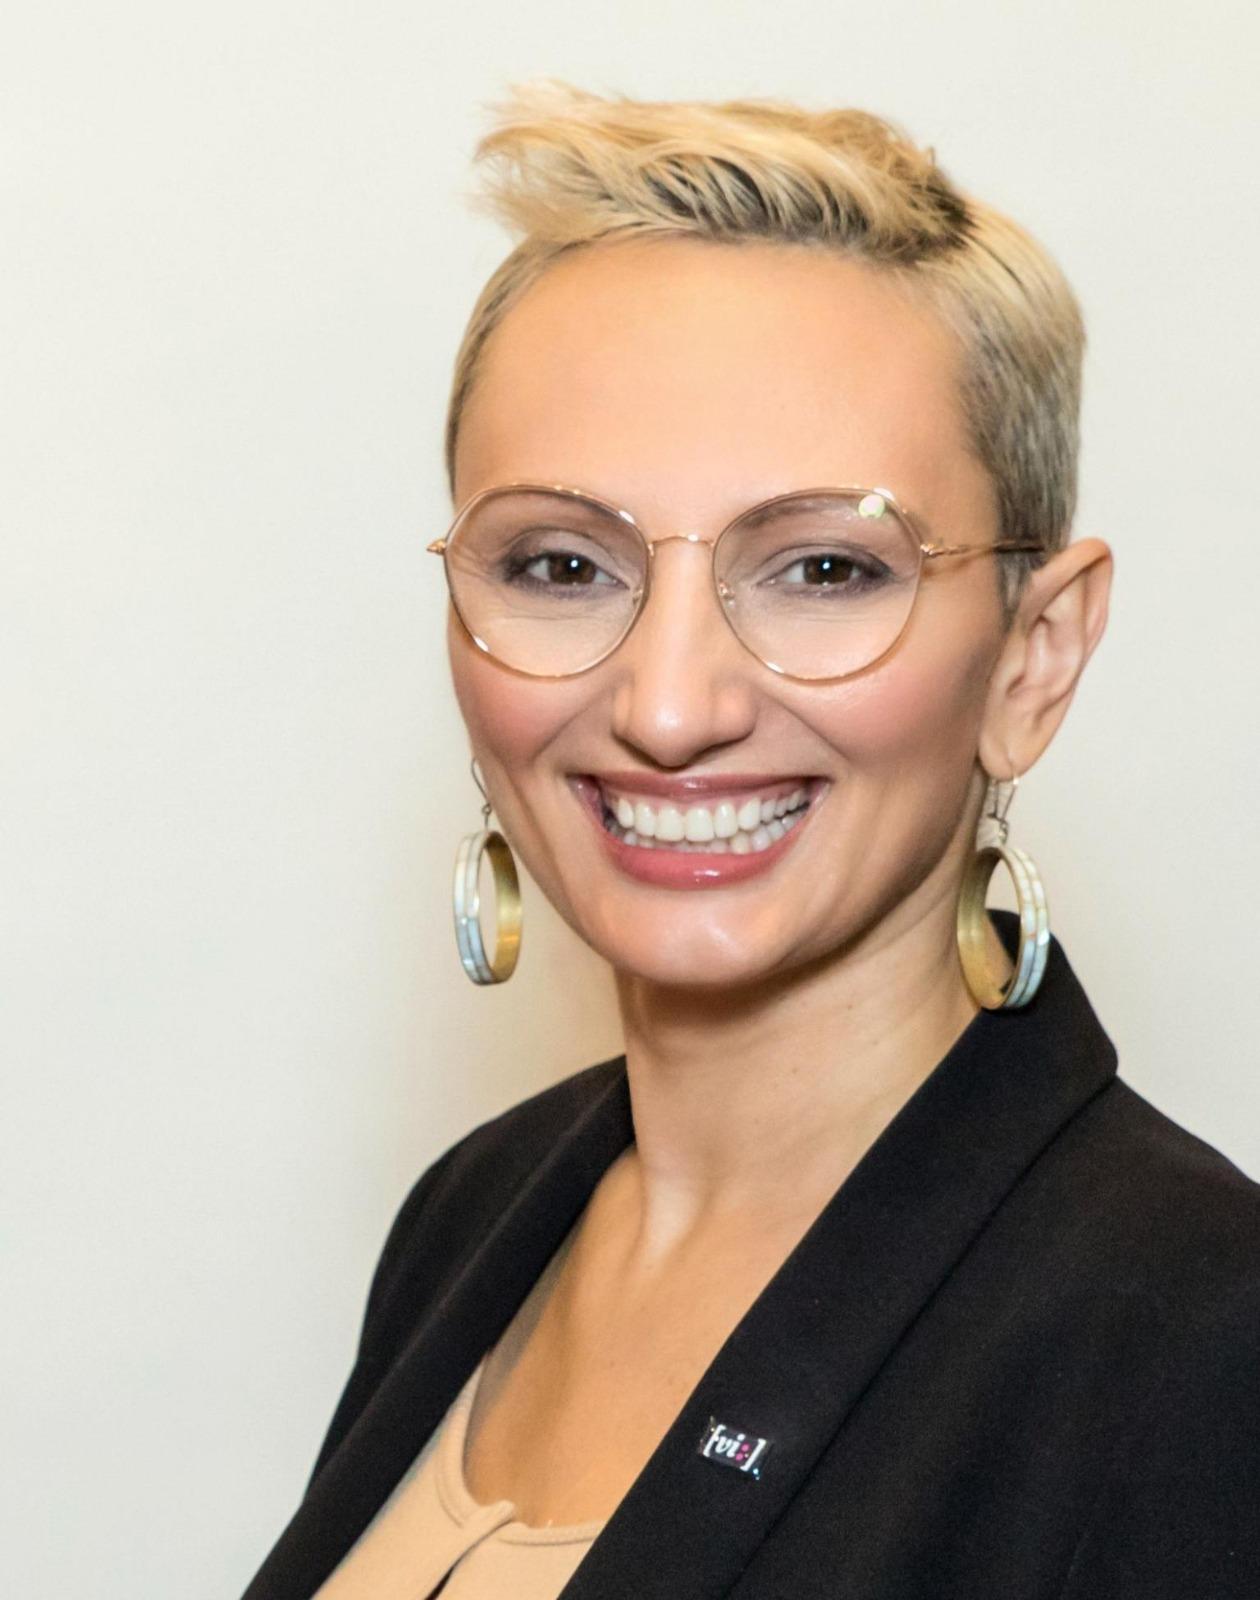 Victoria Iwanowska - założycielka platformy zDziecmi.pl